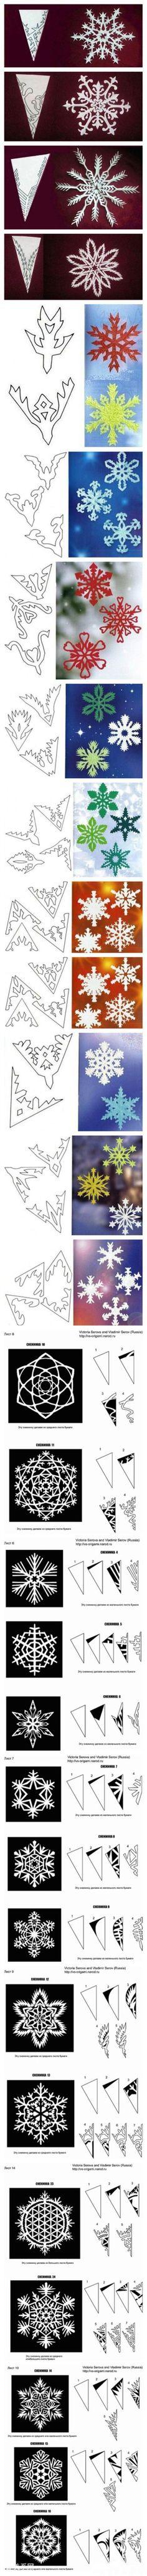 Scissor cut snowflake pattern symmetry